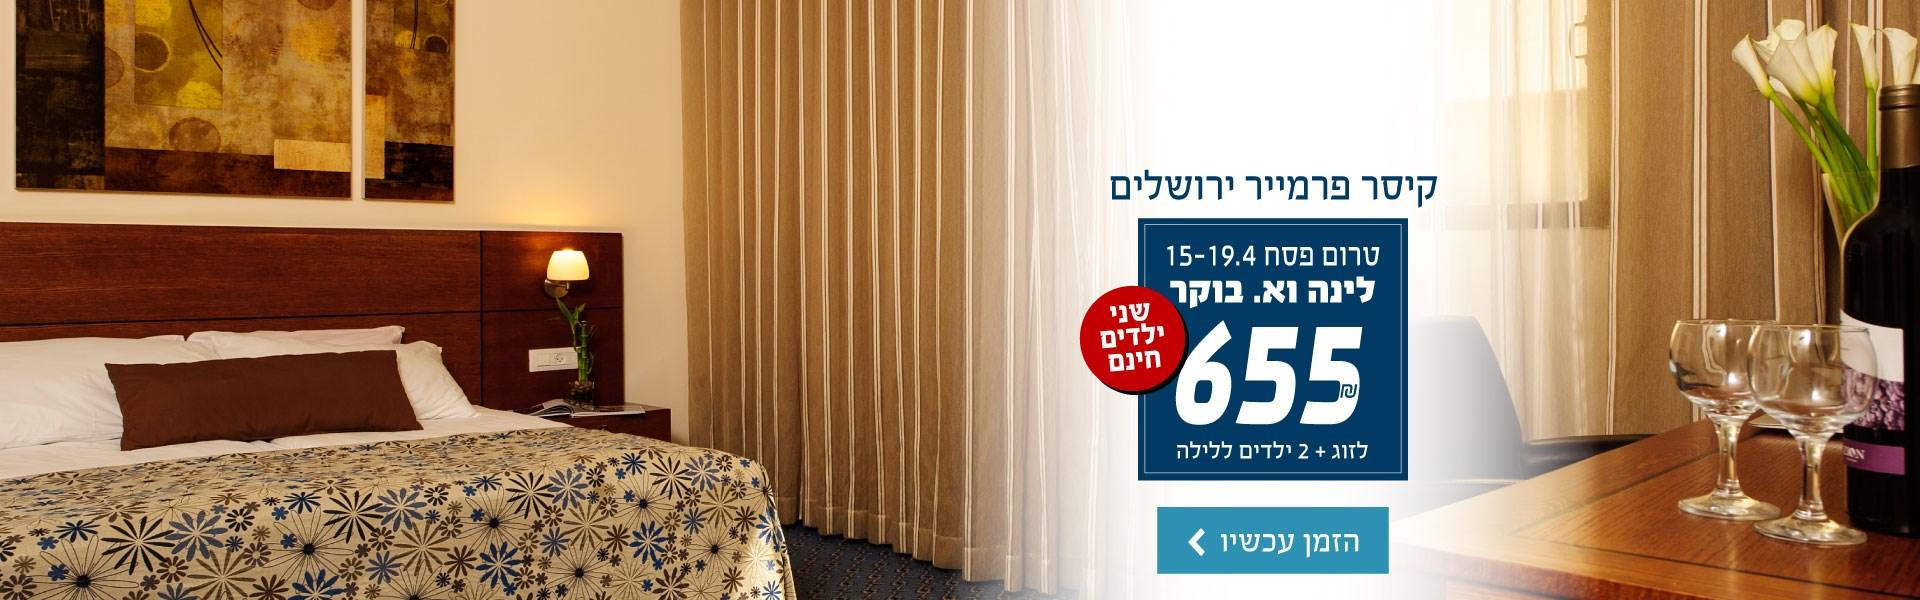 ירושלים טרום פסח